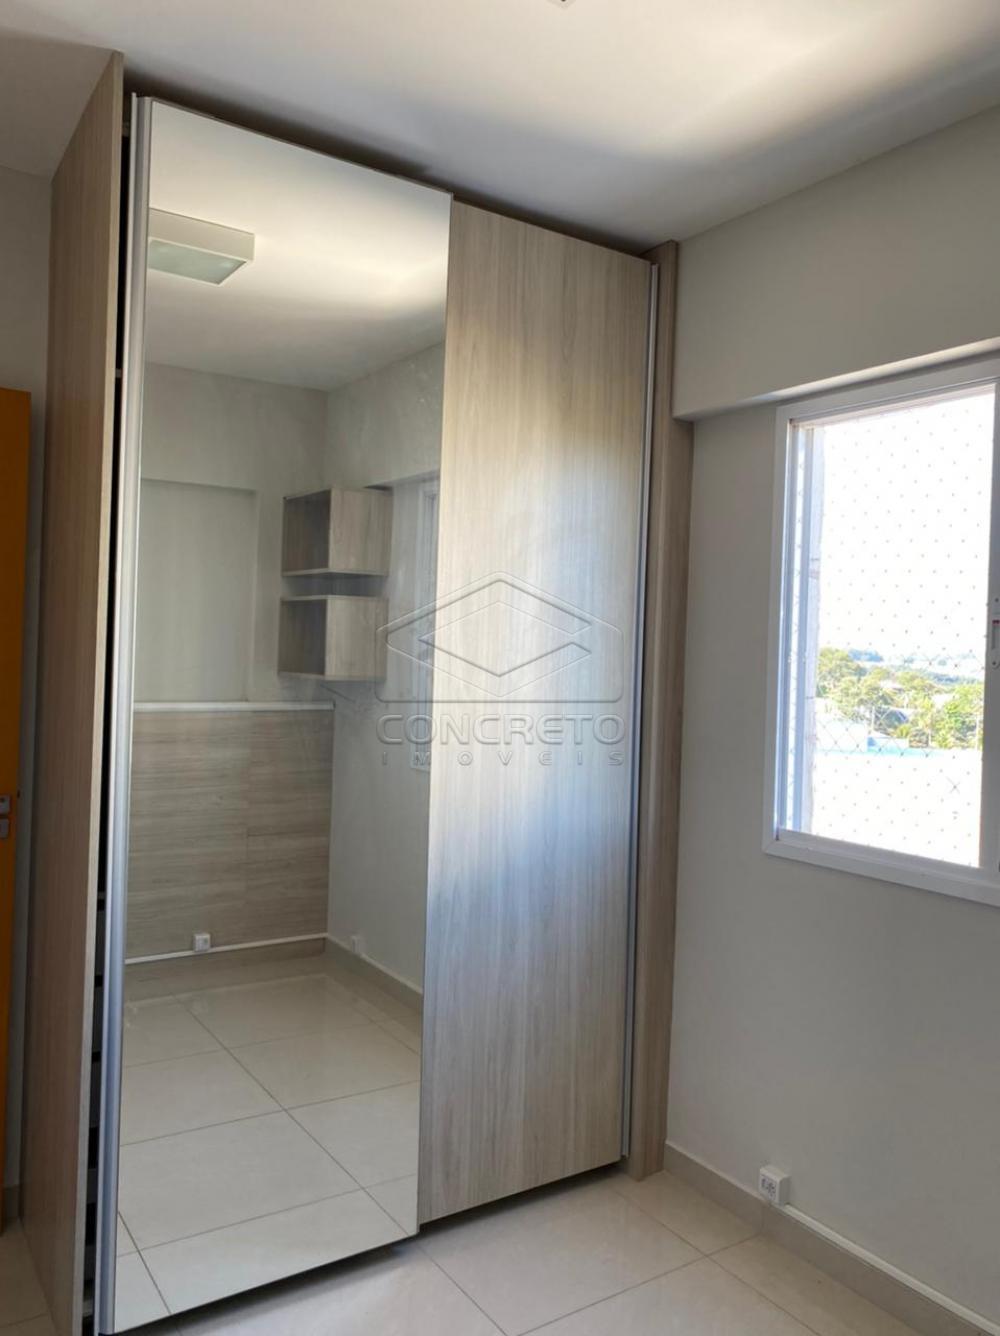 Comprar Apartamento / Padrão em Bauru R$ 580.000,00 - Foto 18